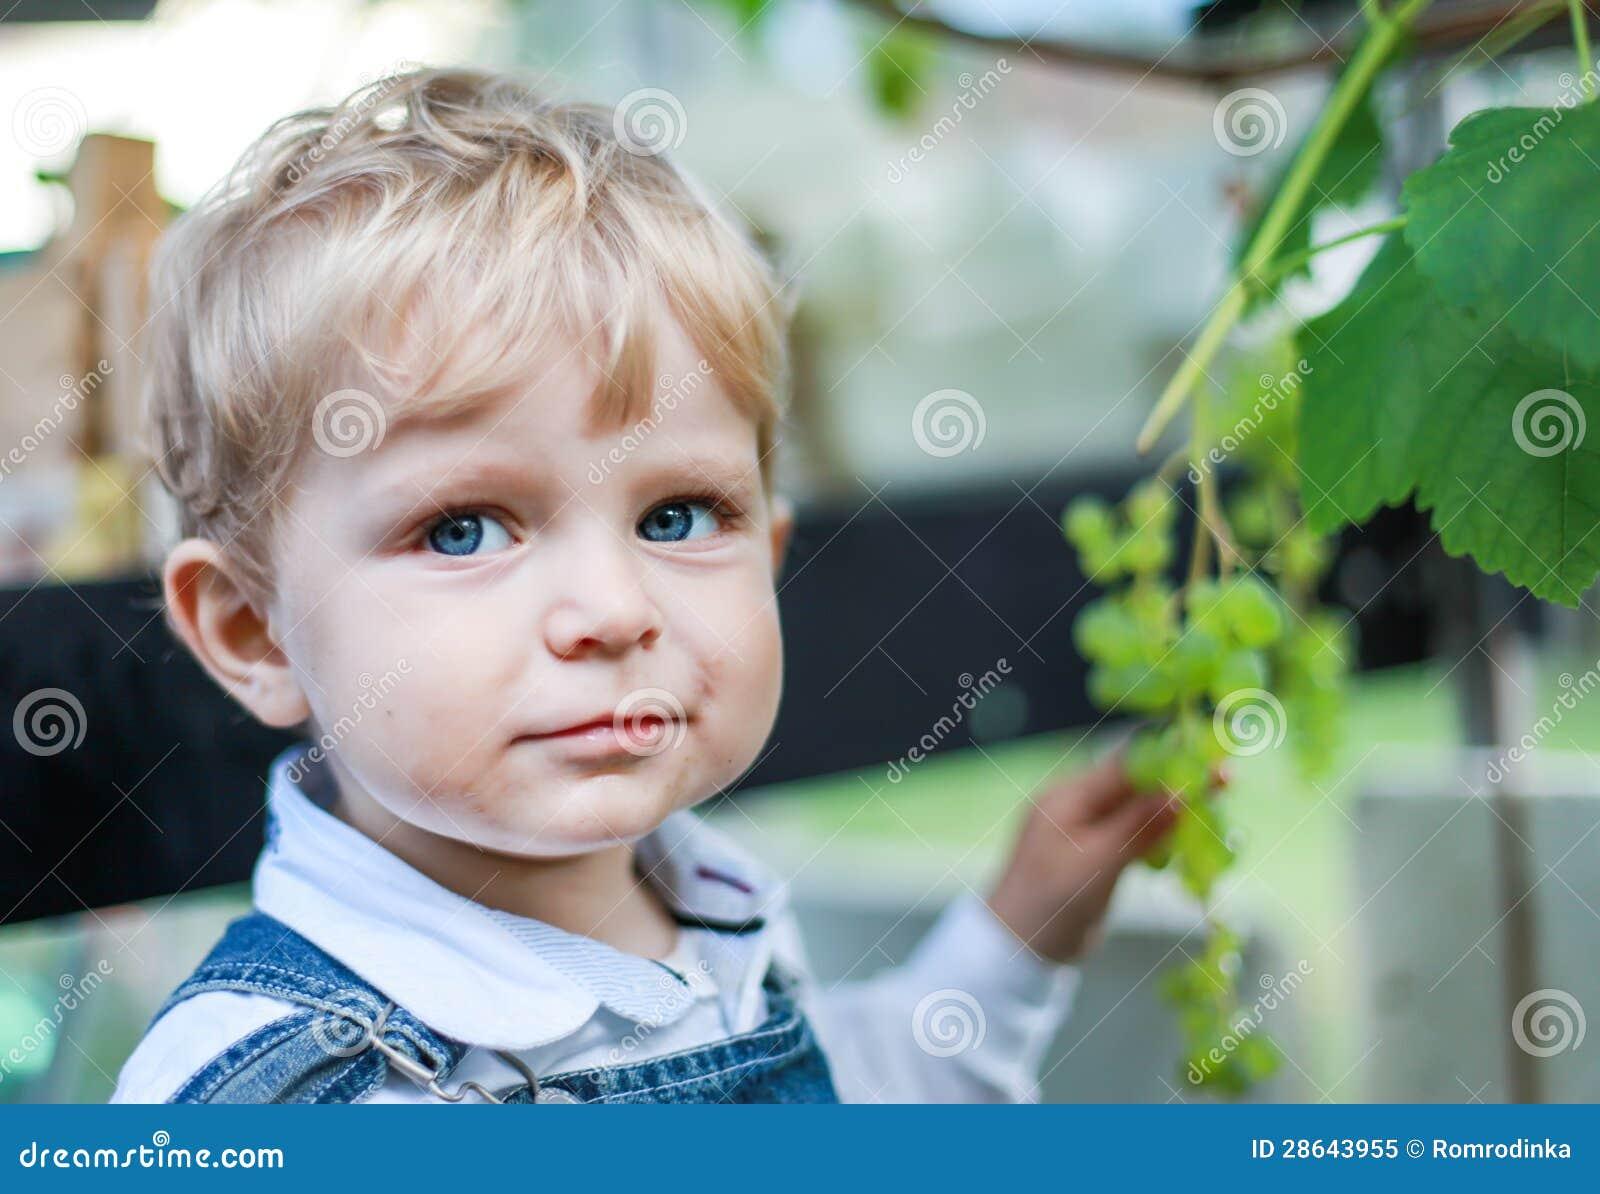 Peque o ni o peque o que come la uva foto de archivo libre - Foto nino pequeno ...